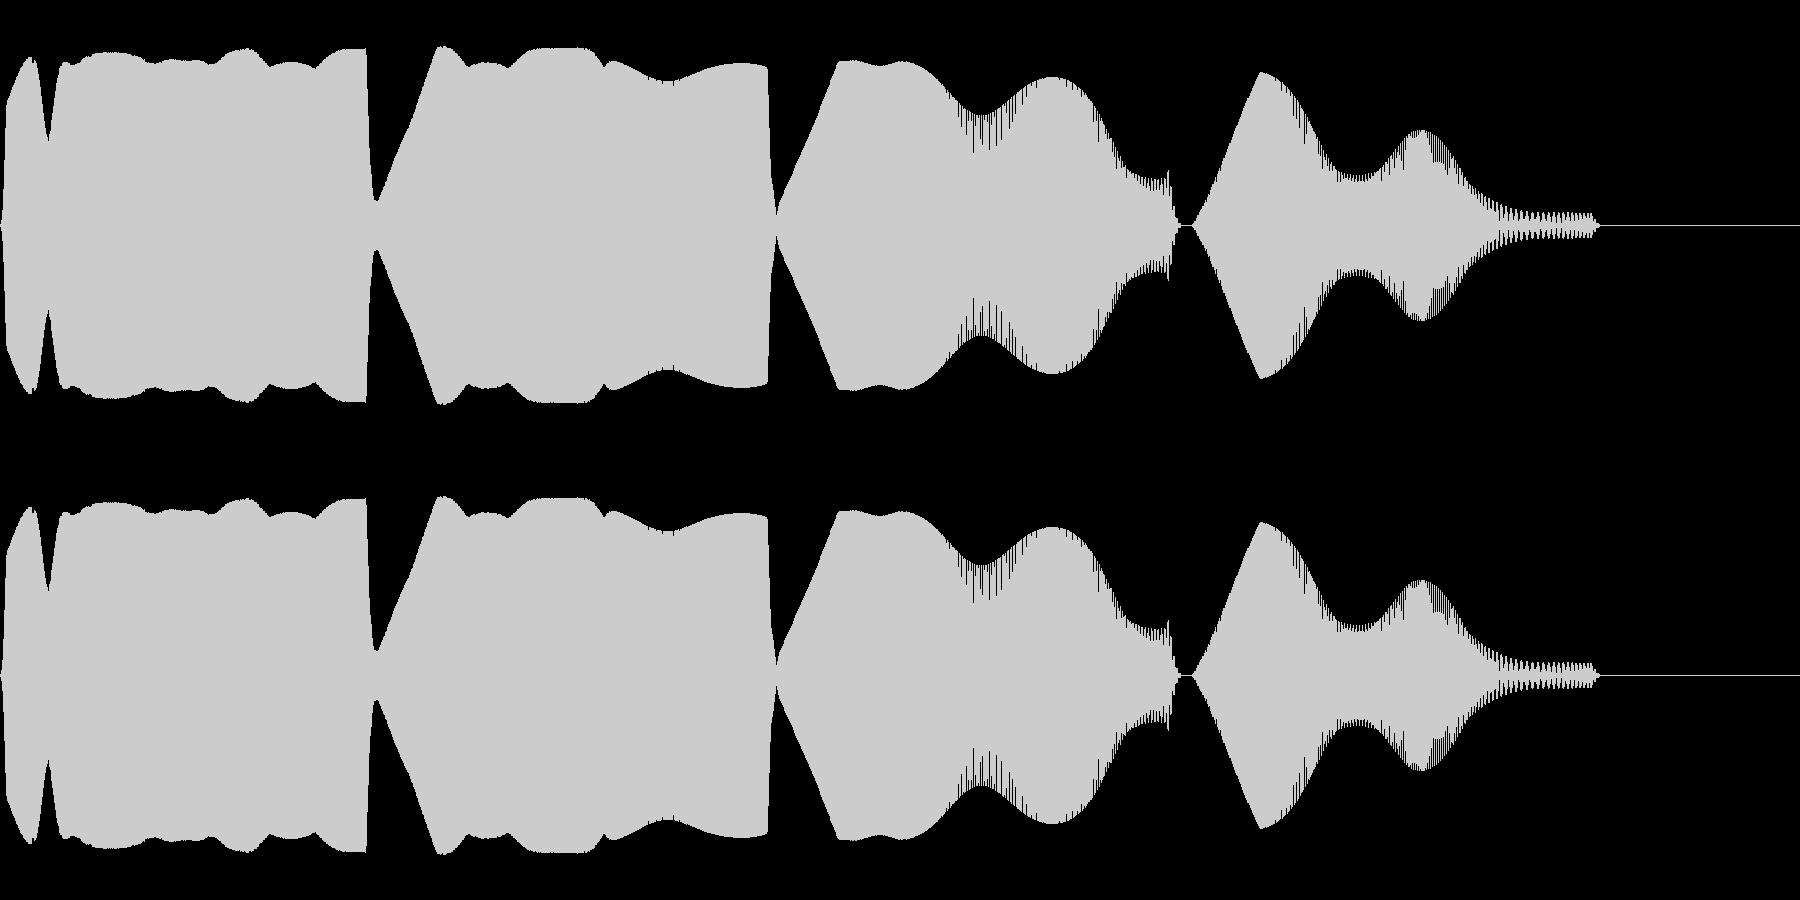 目を回すような効果音(混乱/ふらふら)の未再生の波形